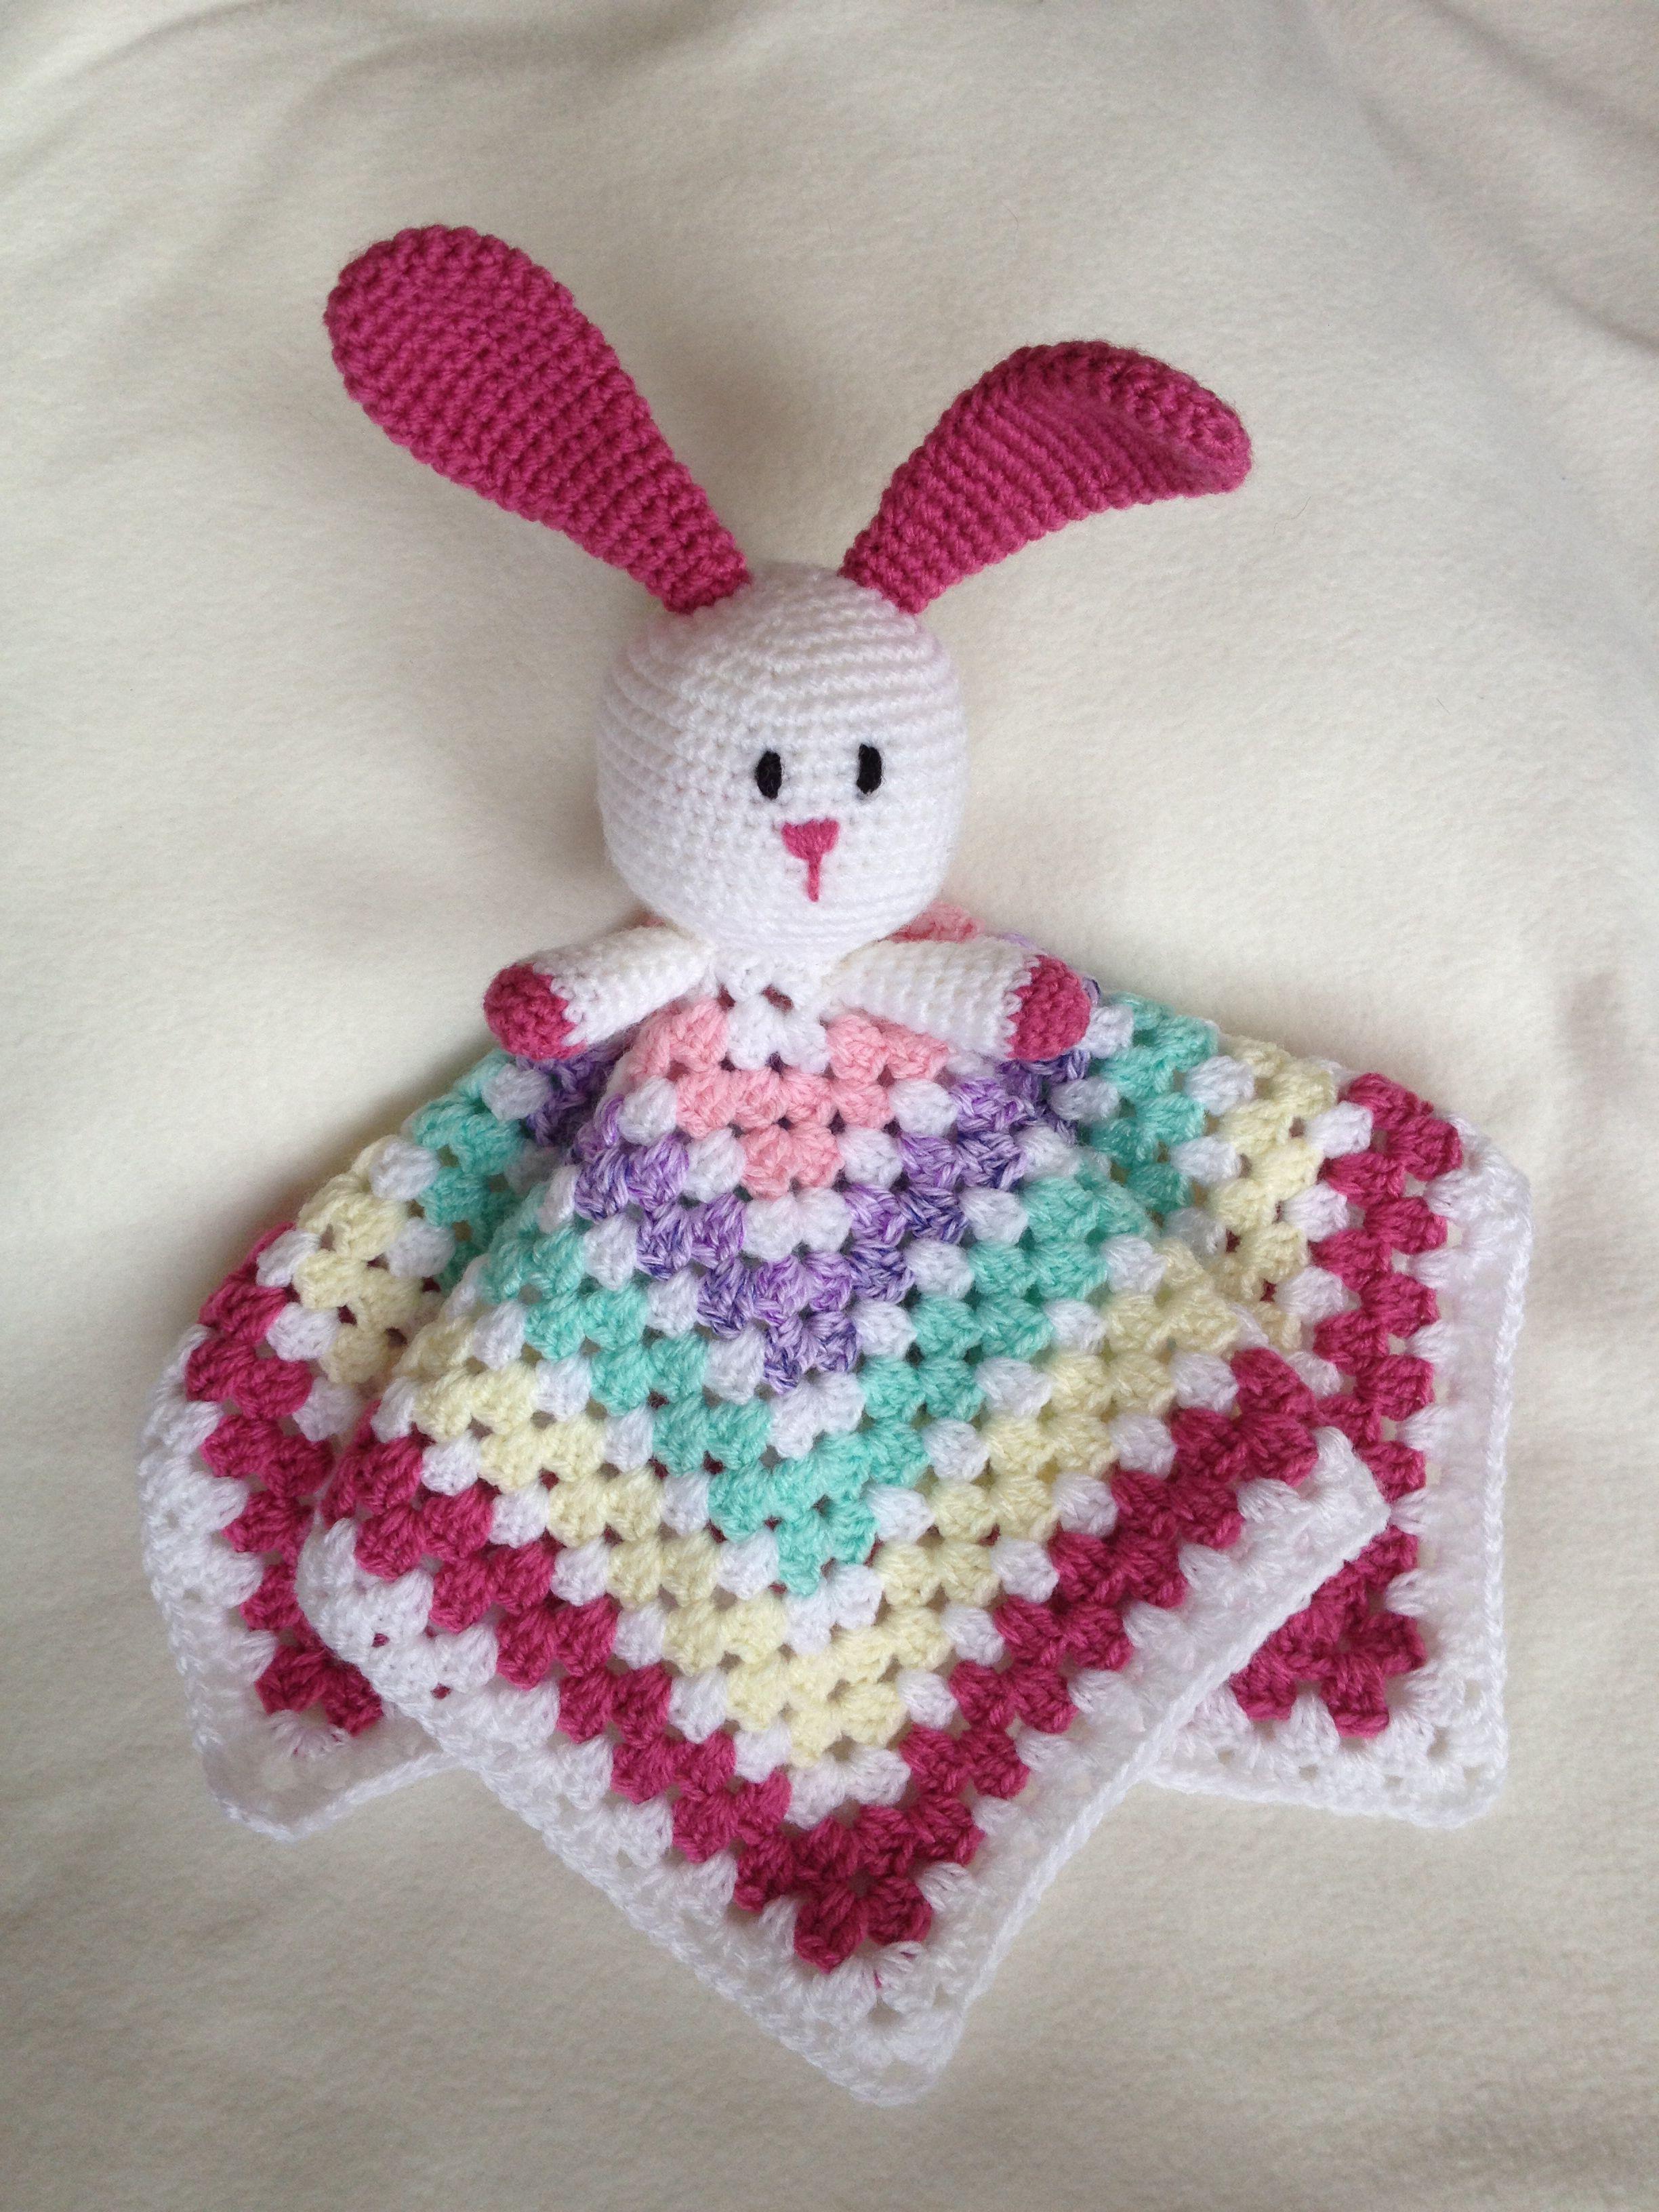 Handmade Rabbit Crochet Baby Comforter Security Blanket